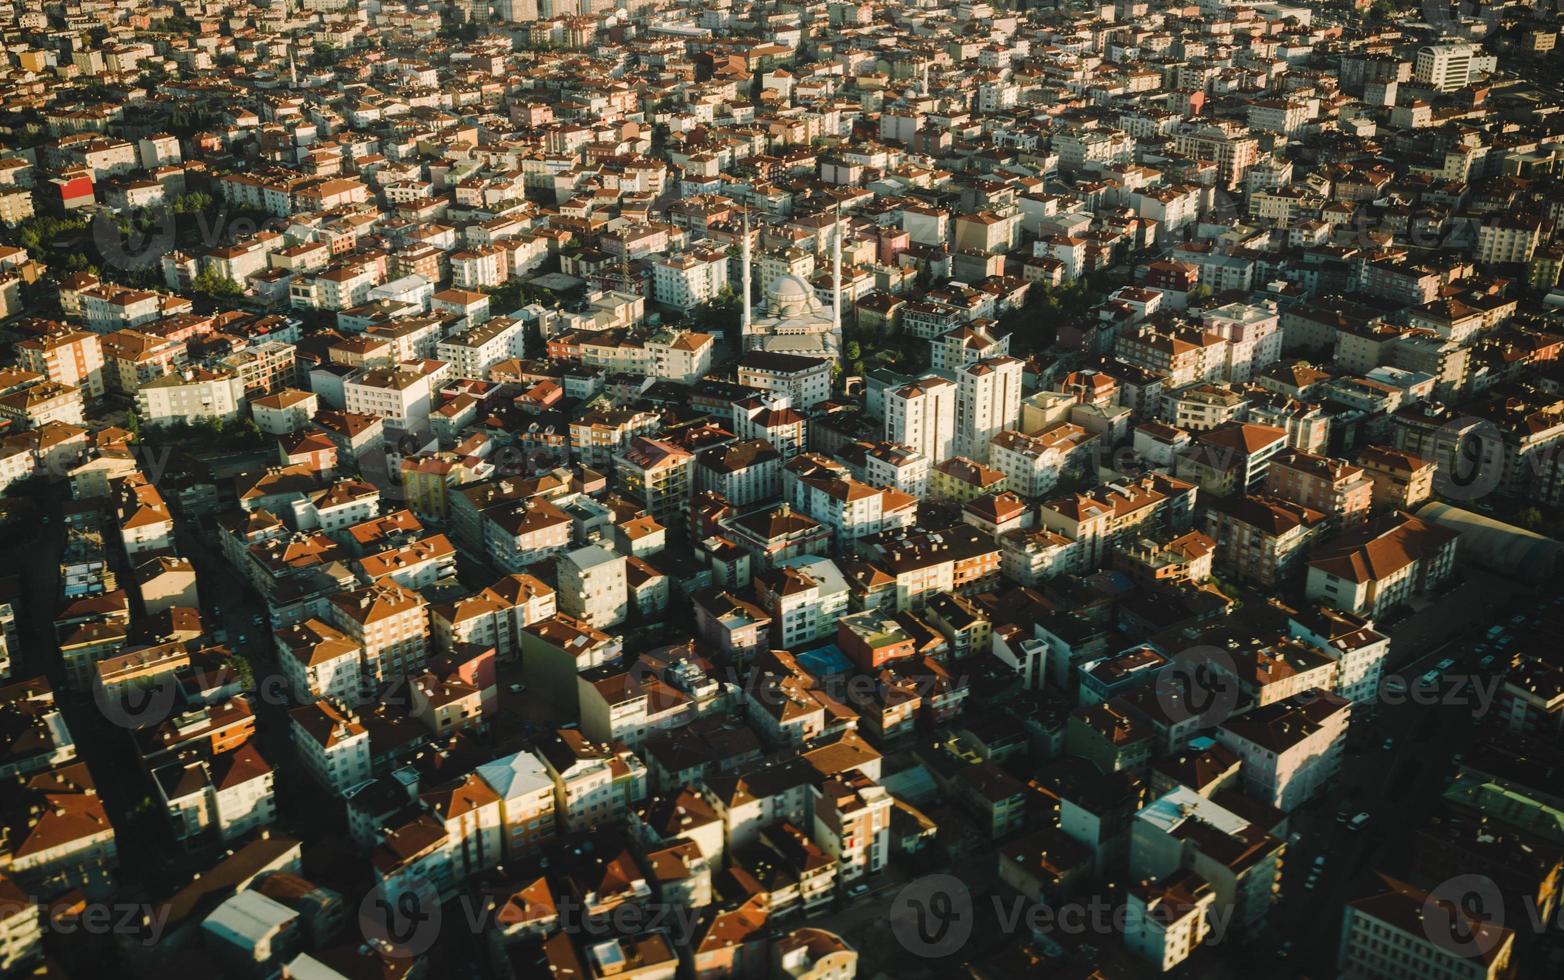 istanbul huis met luchtfoto vliegtuigen foto